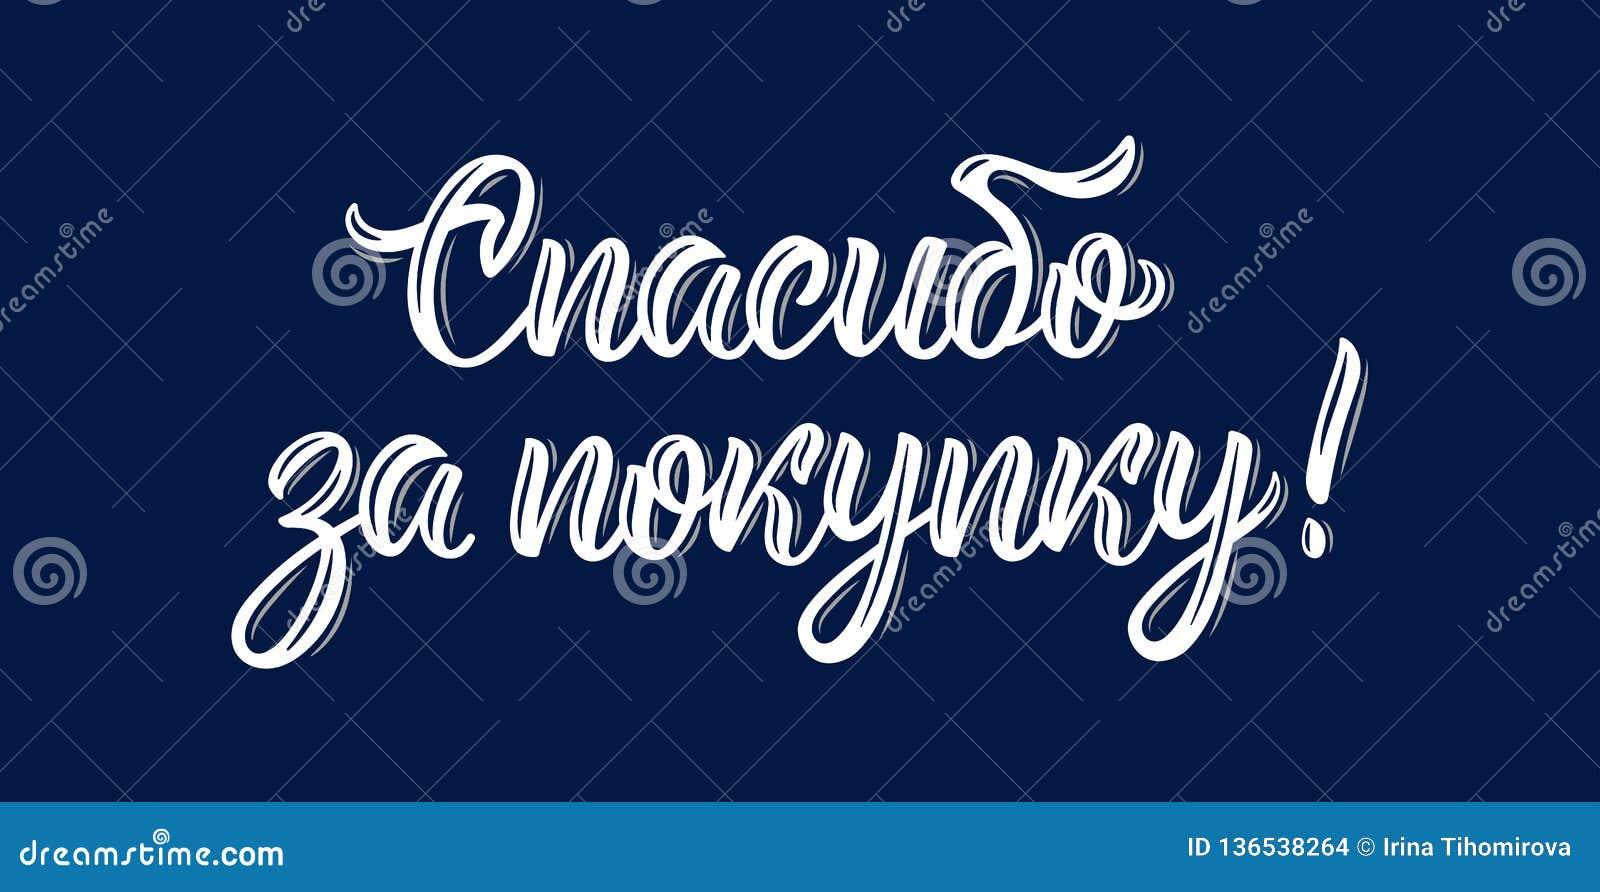 Tacka dig för ditt köp Modernt handlettering citationstecken i ryskt språk Kalligrafi isolerat ord i vitt färgpulver vektor